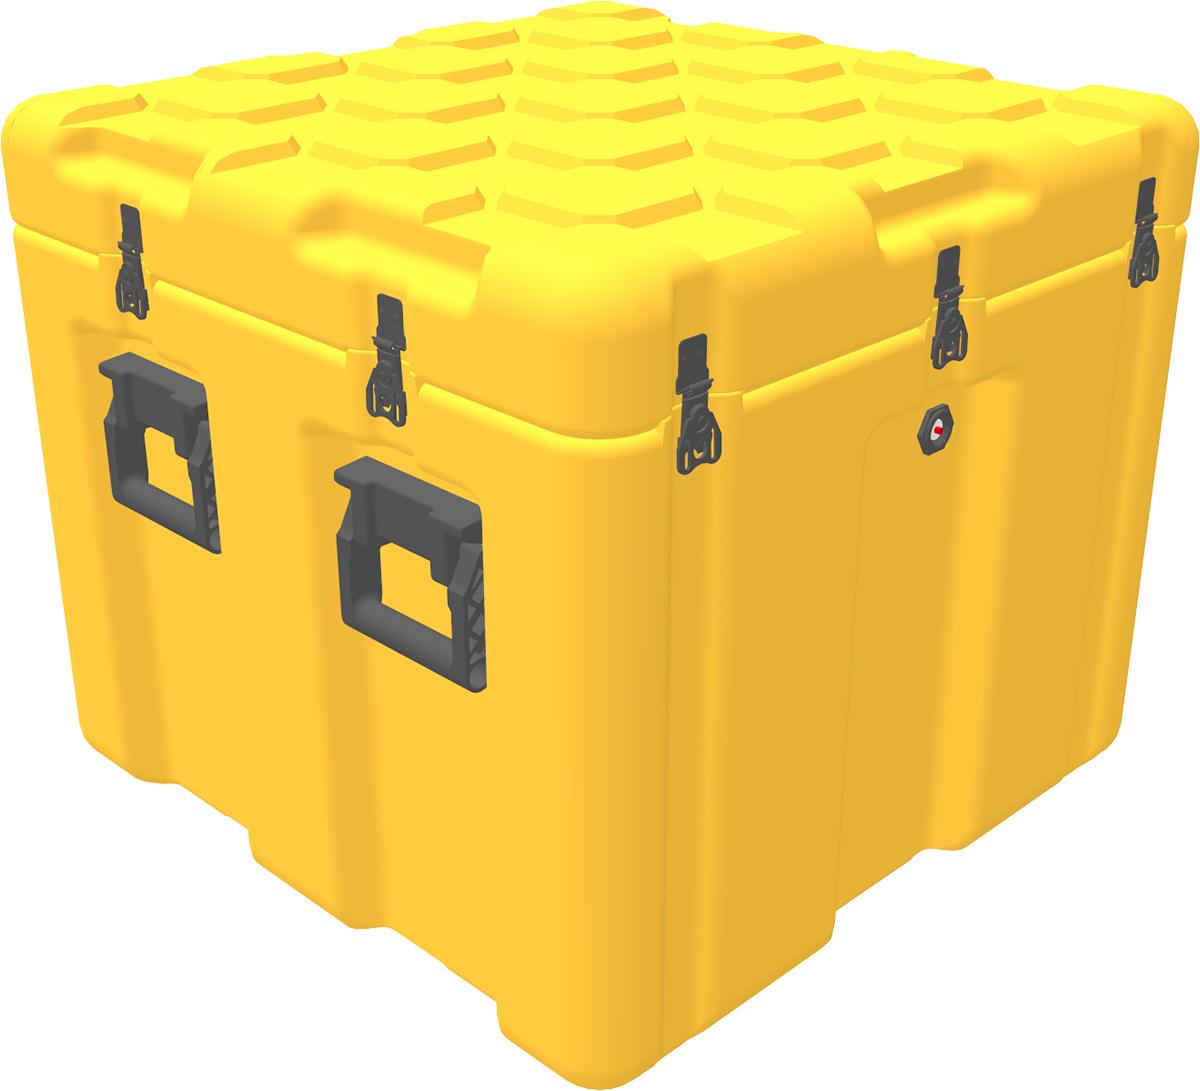 peli eu070070 5010 isp2 shipping case